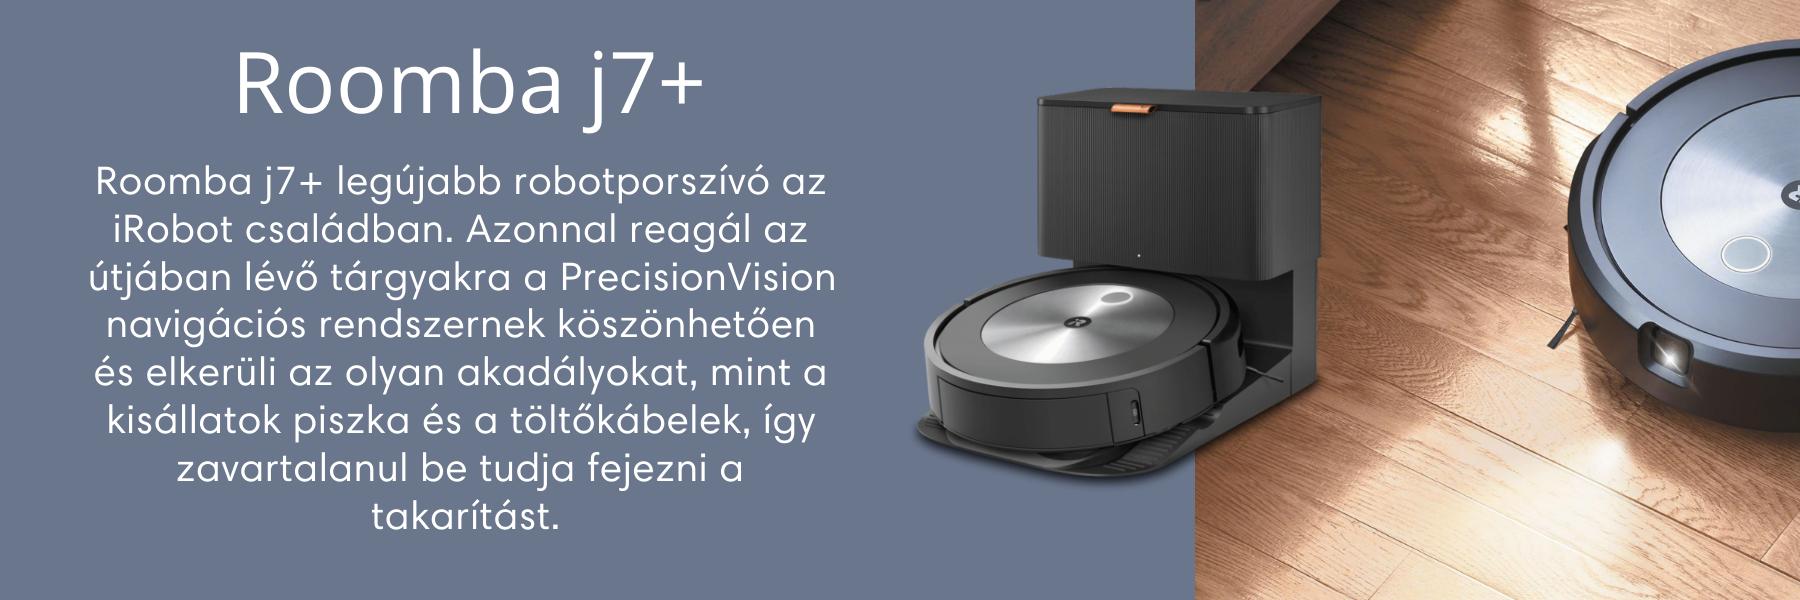 iRobot Roomba j7+ robotporszívó